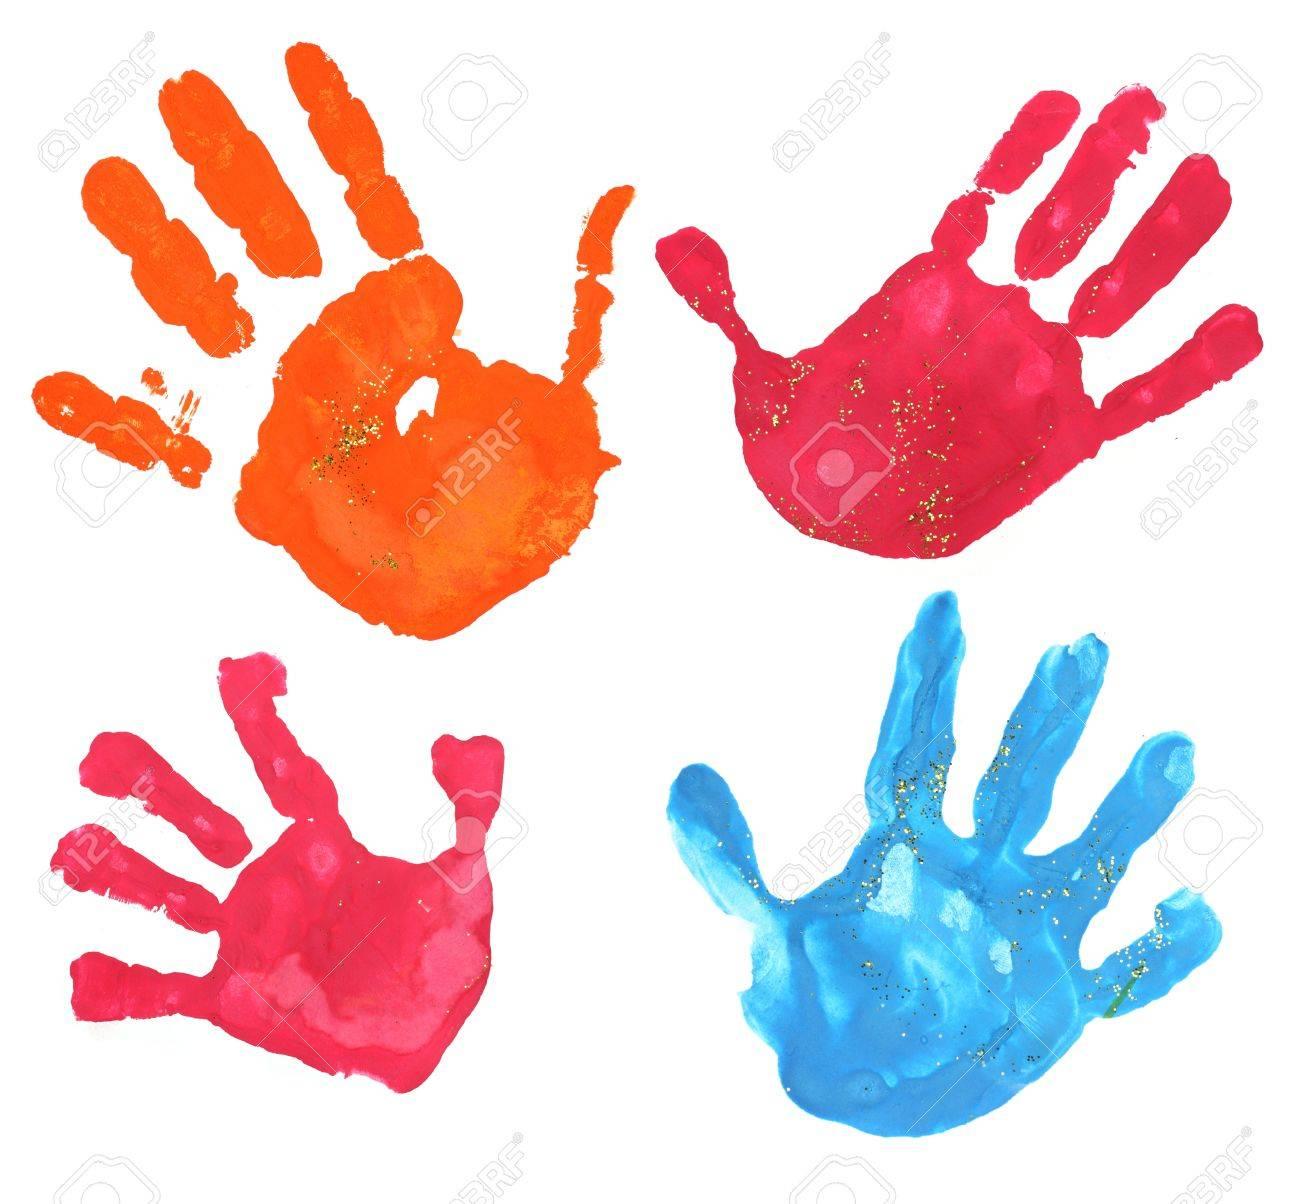 Mehreren Bunten Kindern Fingerabdrucke Auf Einem Weissen Lizenzfreie